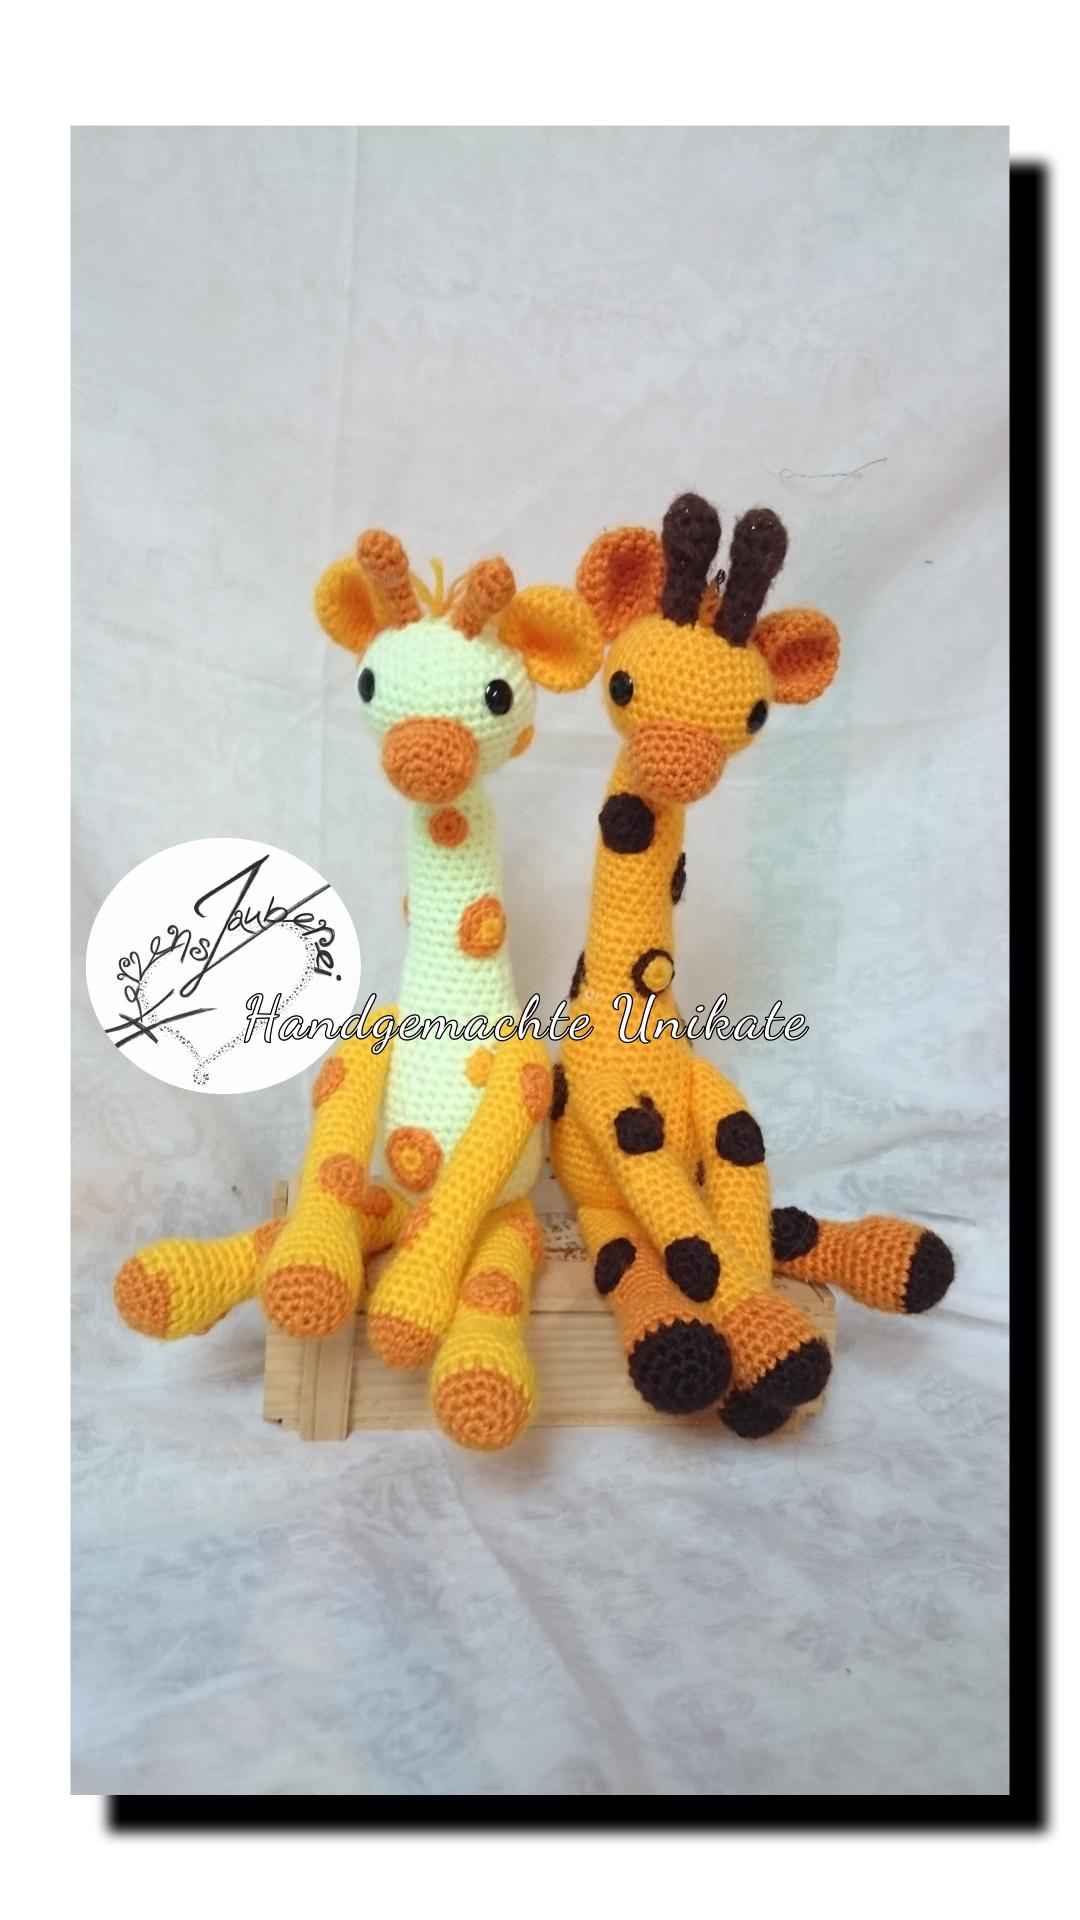 Rasselbande, Giraffen können auf Wunsch mit einer Rassel ausgestattet werden. Sind ca 28cm gross, Chf 45.-